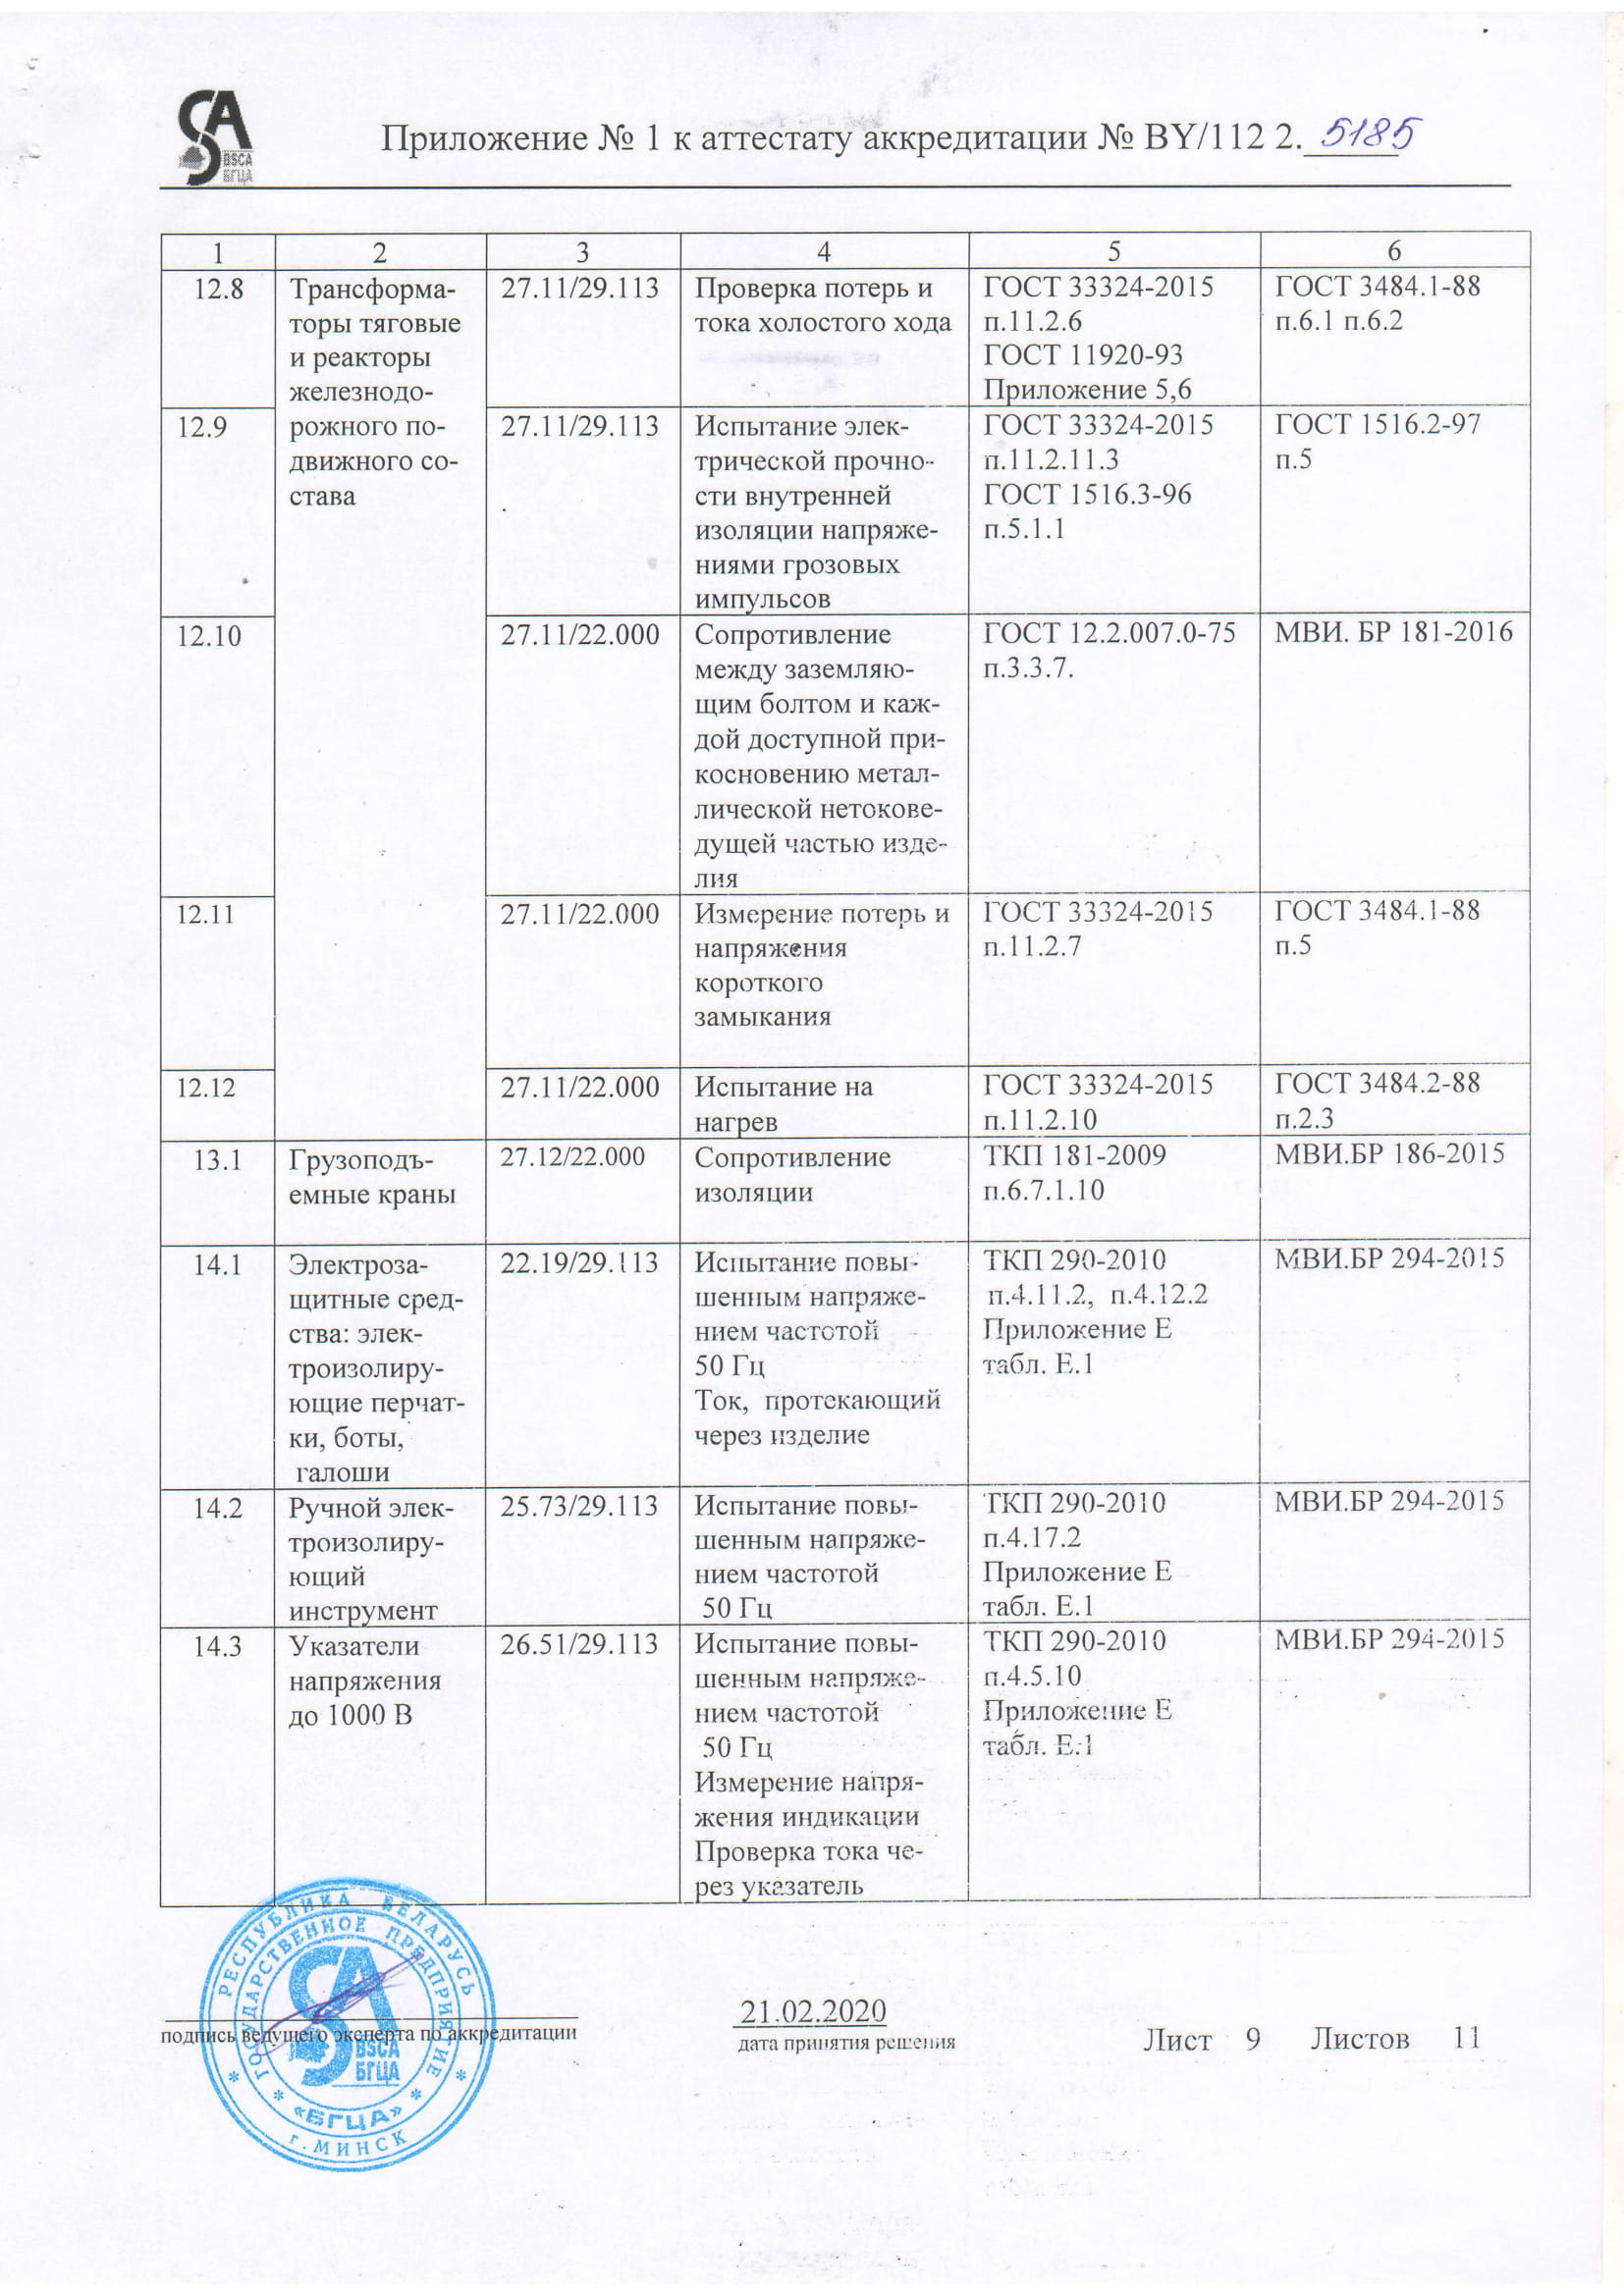 Область аккредитации ЭТЛ-09